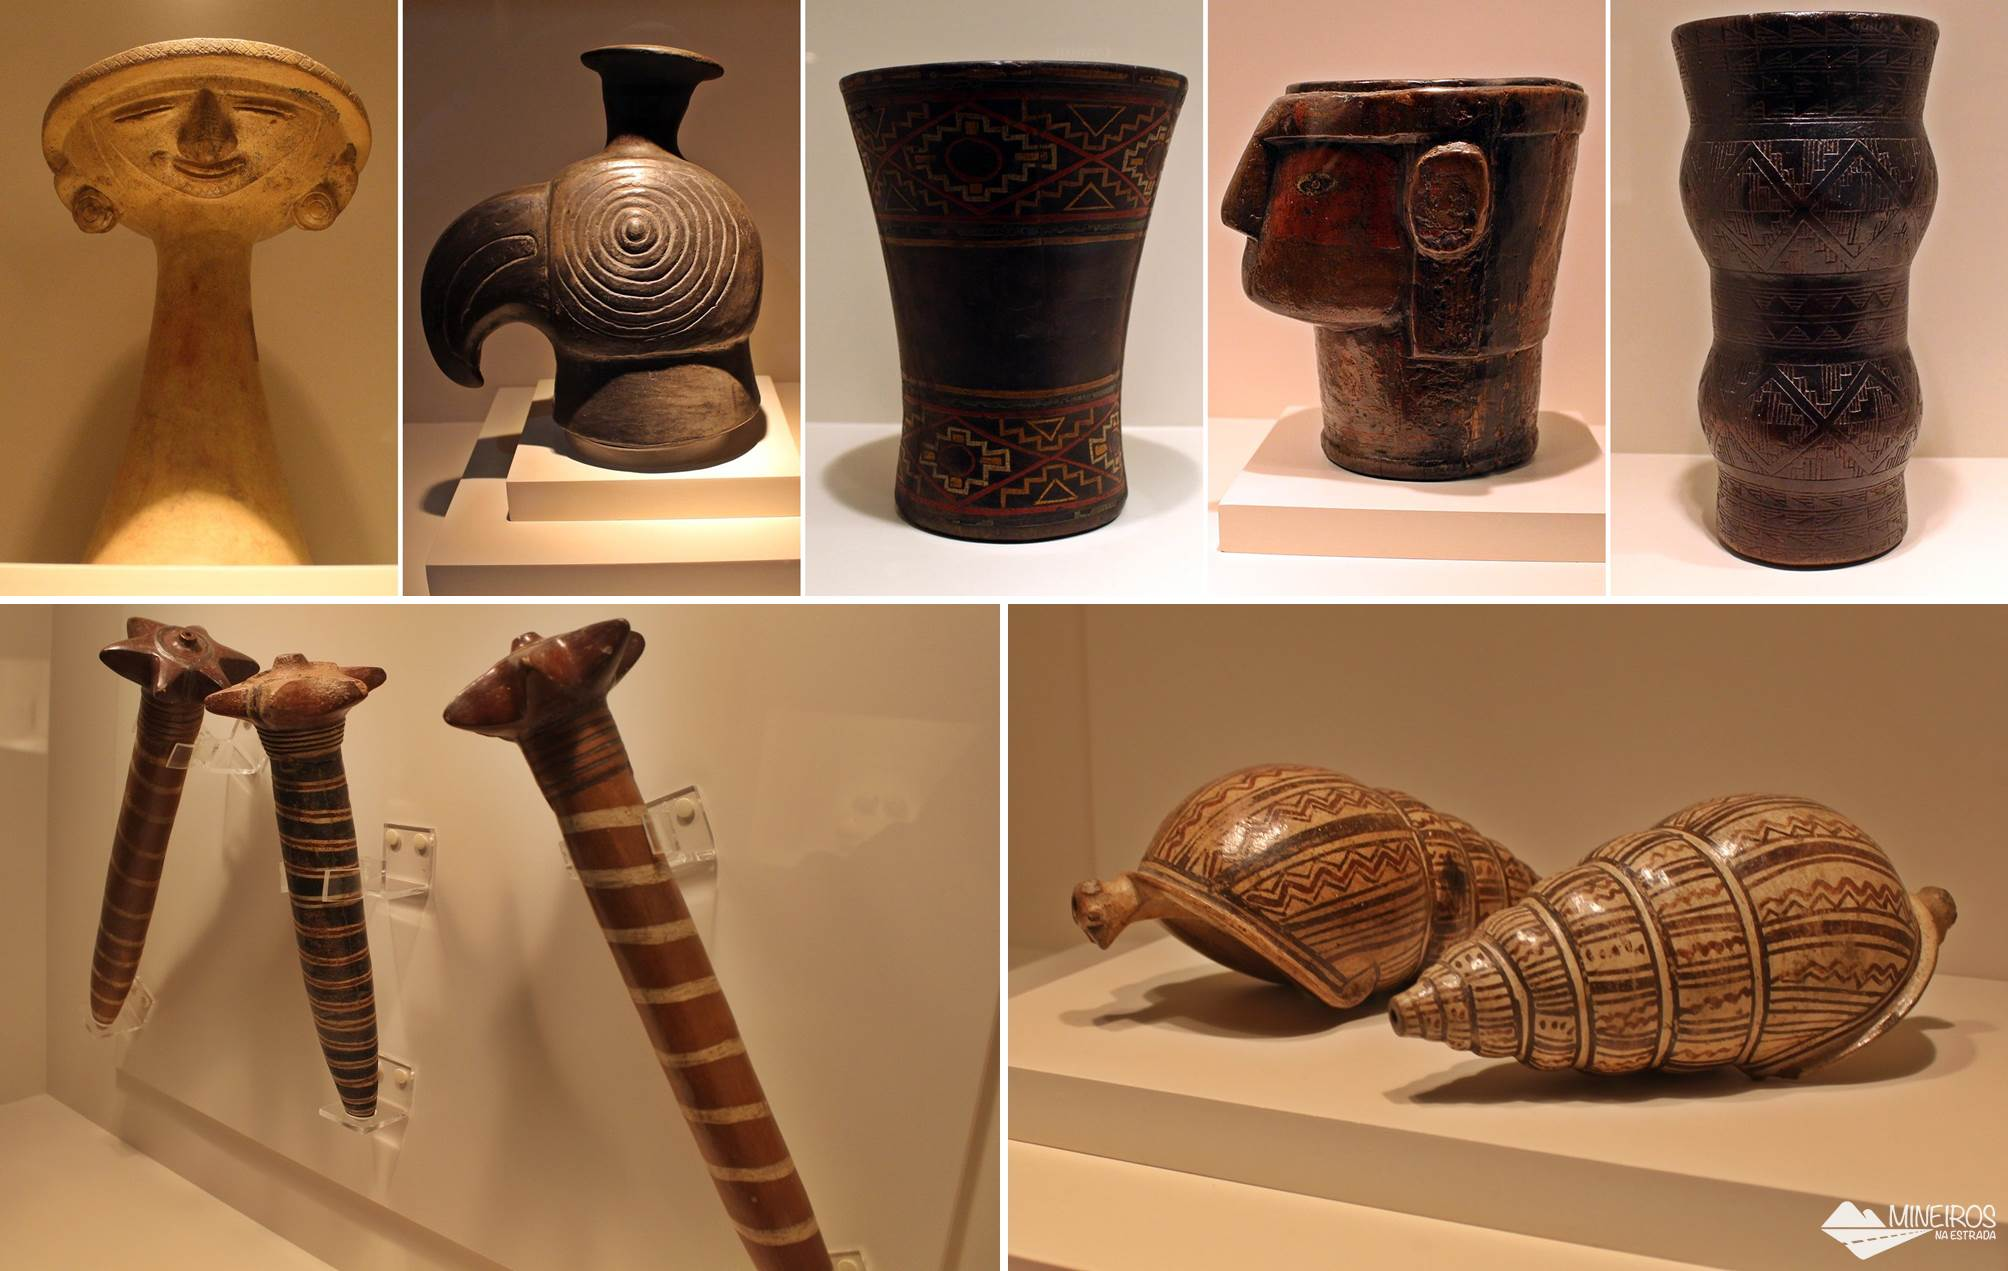 Objetos da Sala Inca, expostos no Museu de Arte Precolombino, em Cusco.